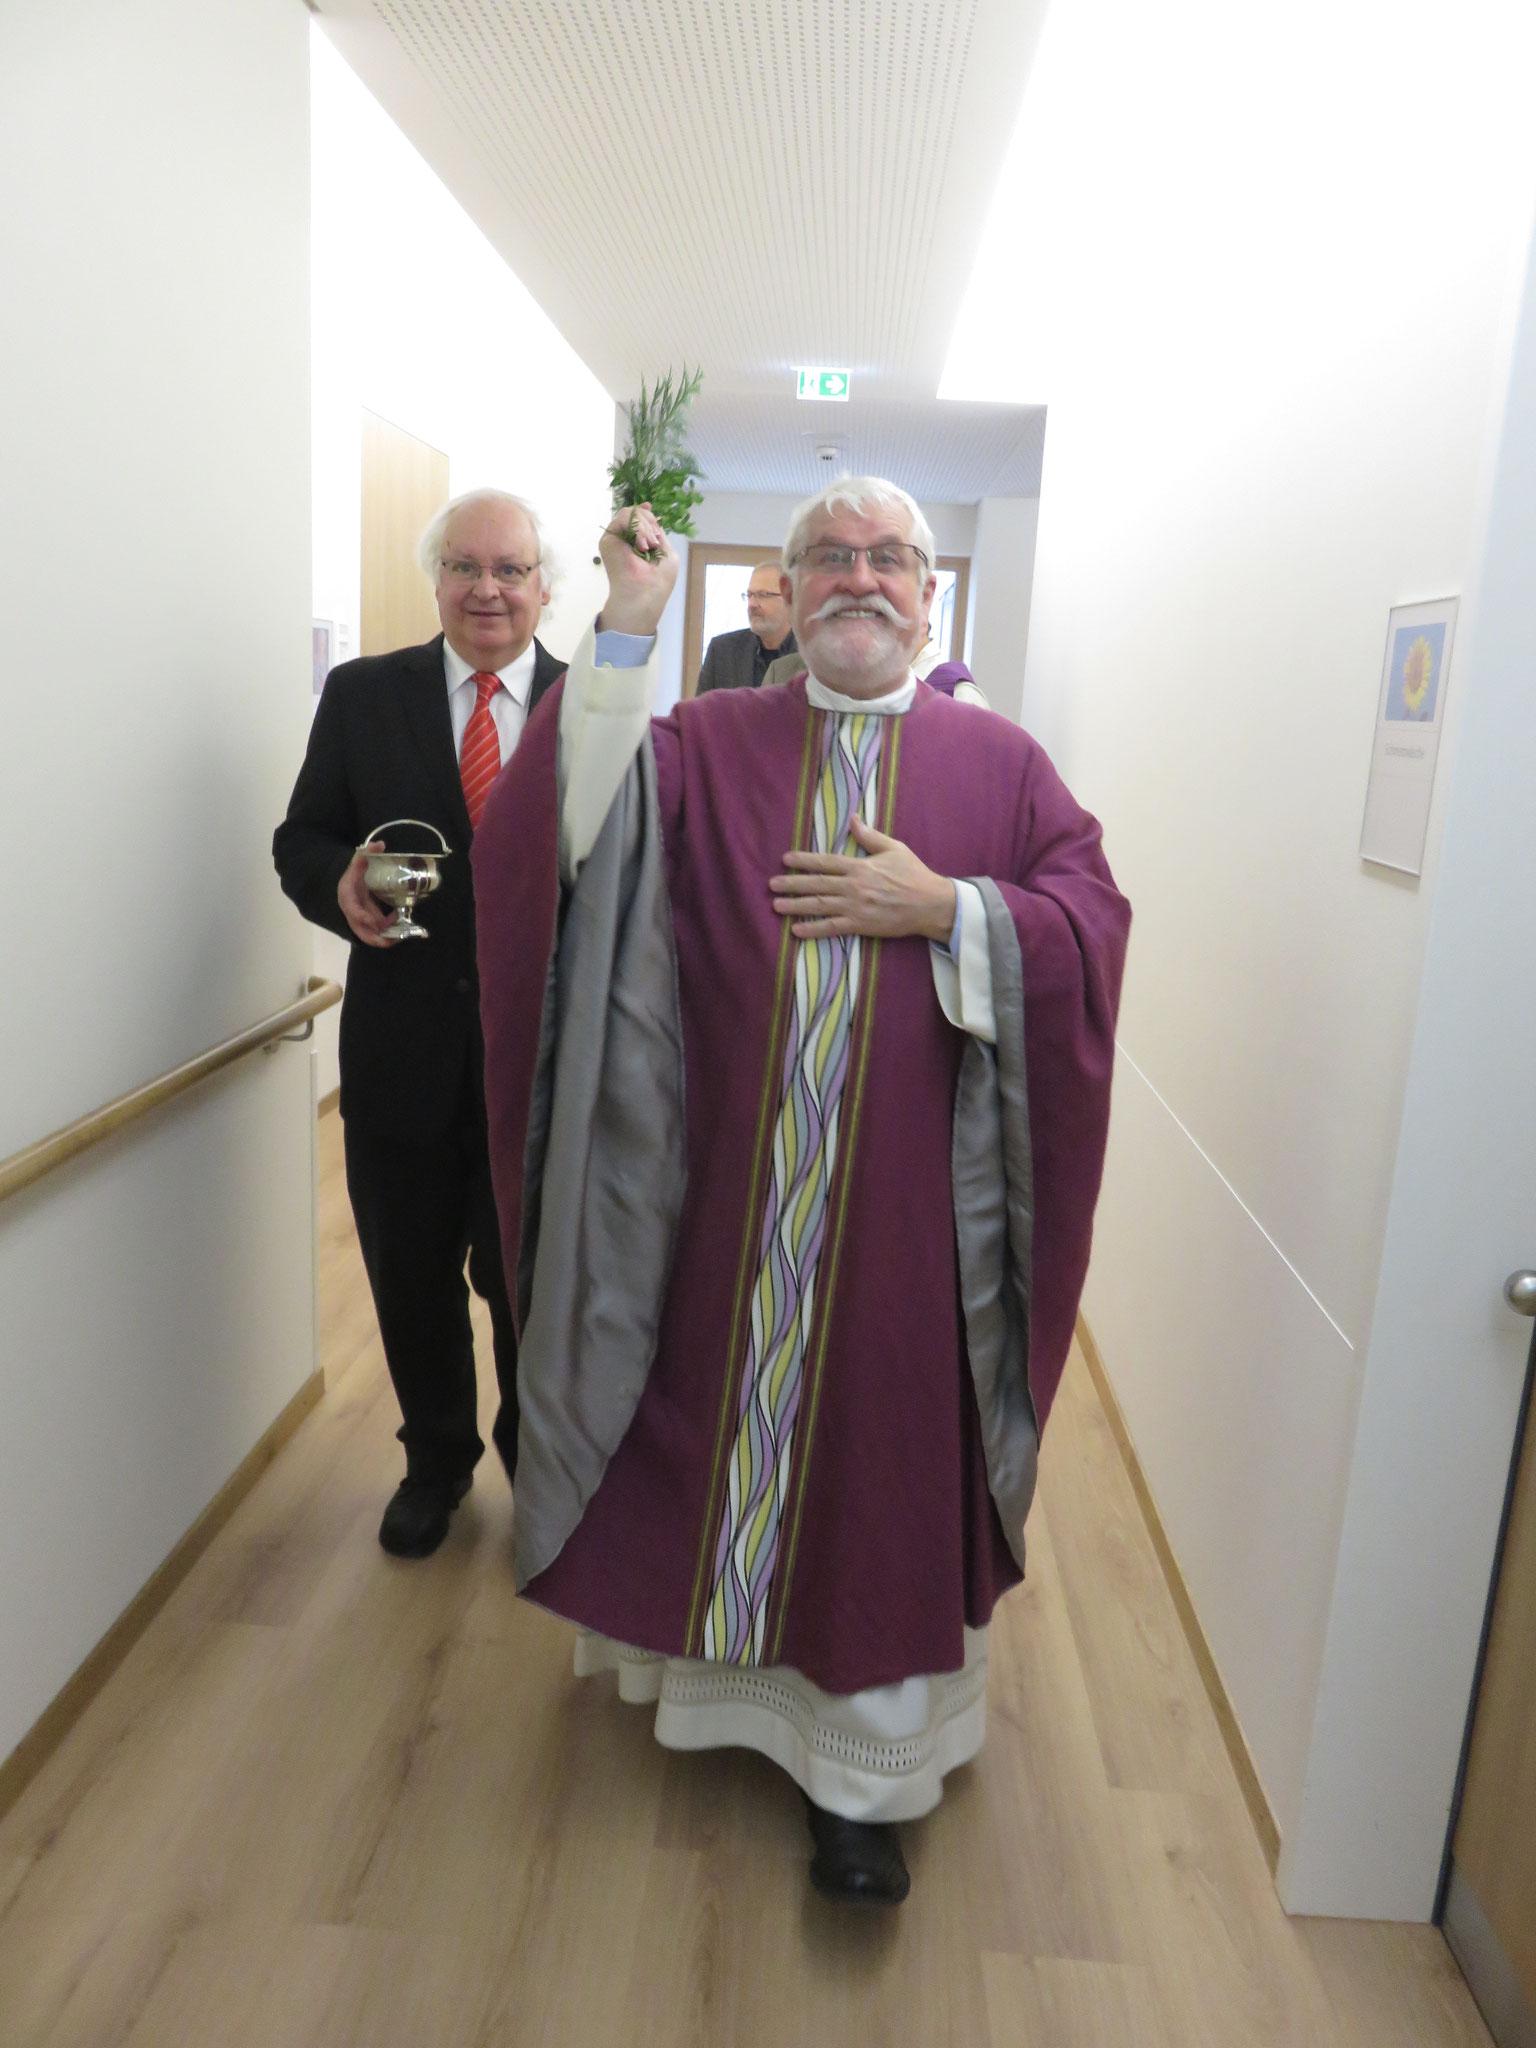 Caritasdirektor Franz Mattes und Josef Zimmermann bei der Segnung der Neubaus